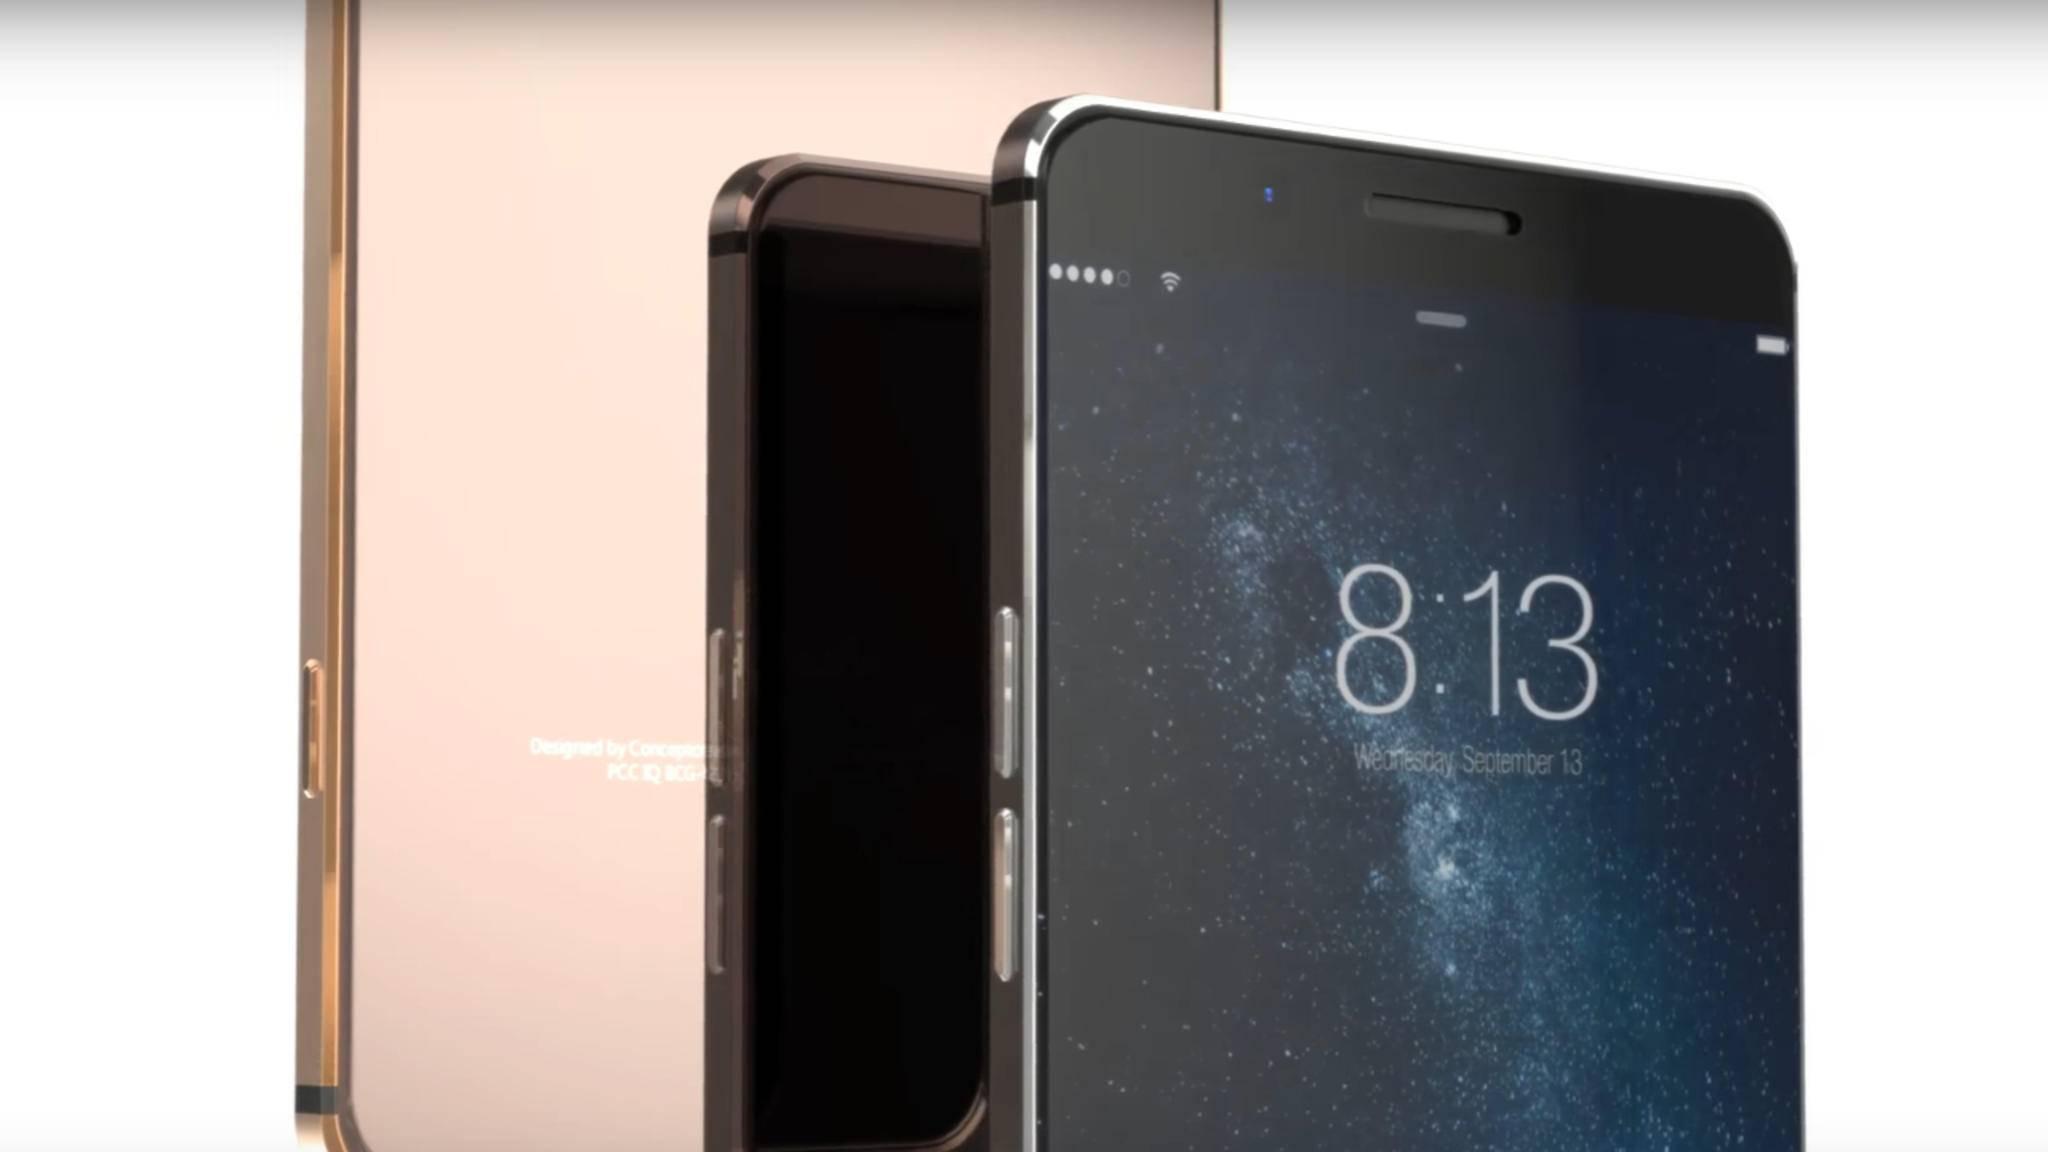 Apple zahlt für OLED-Displays im iPhone 8 ordentlich an Samsung.